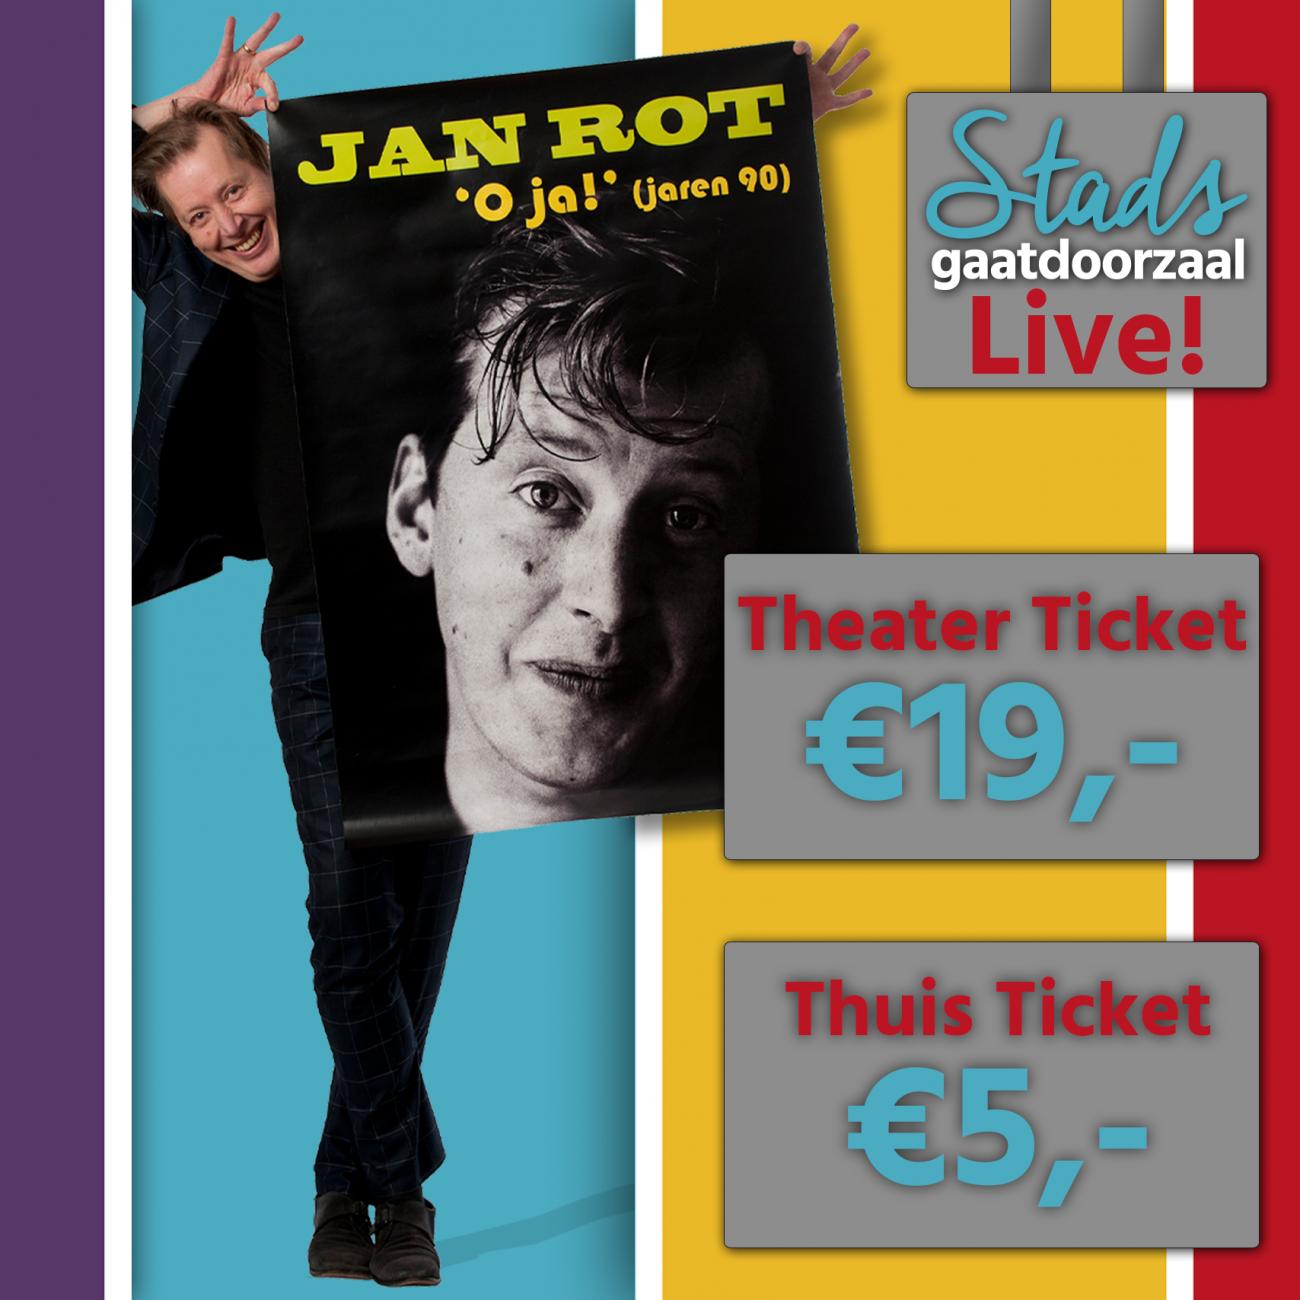 Jan Rot trapt eerste theatervoorstelling in juni af